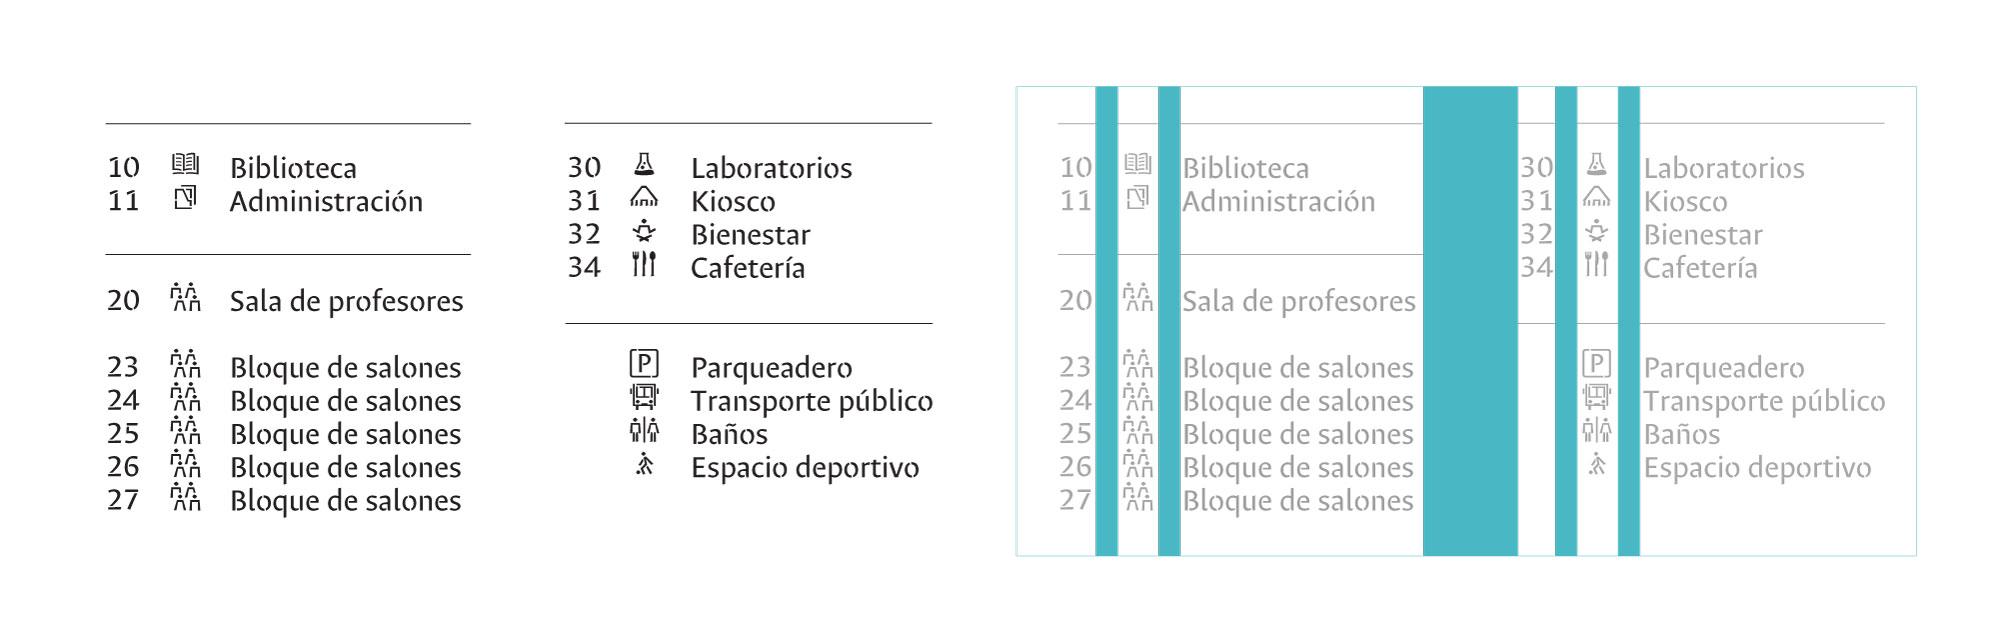 En diseño de información el espacio entre columnas depende de la necesidad de agrupación y separación de la información. También, podemos valernos de columnas adicionales para aproximar la información a la vista del usuario, en muchos casos si se extiende